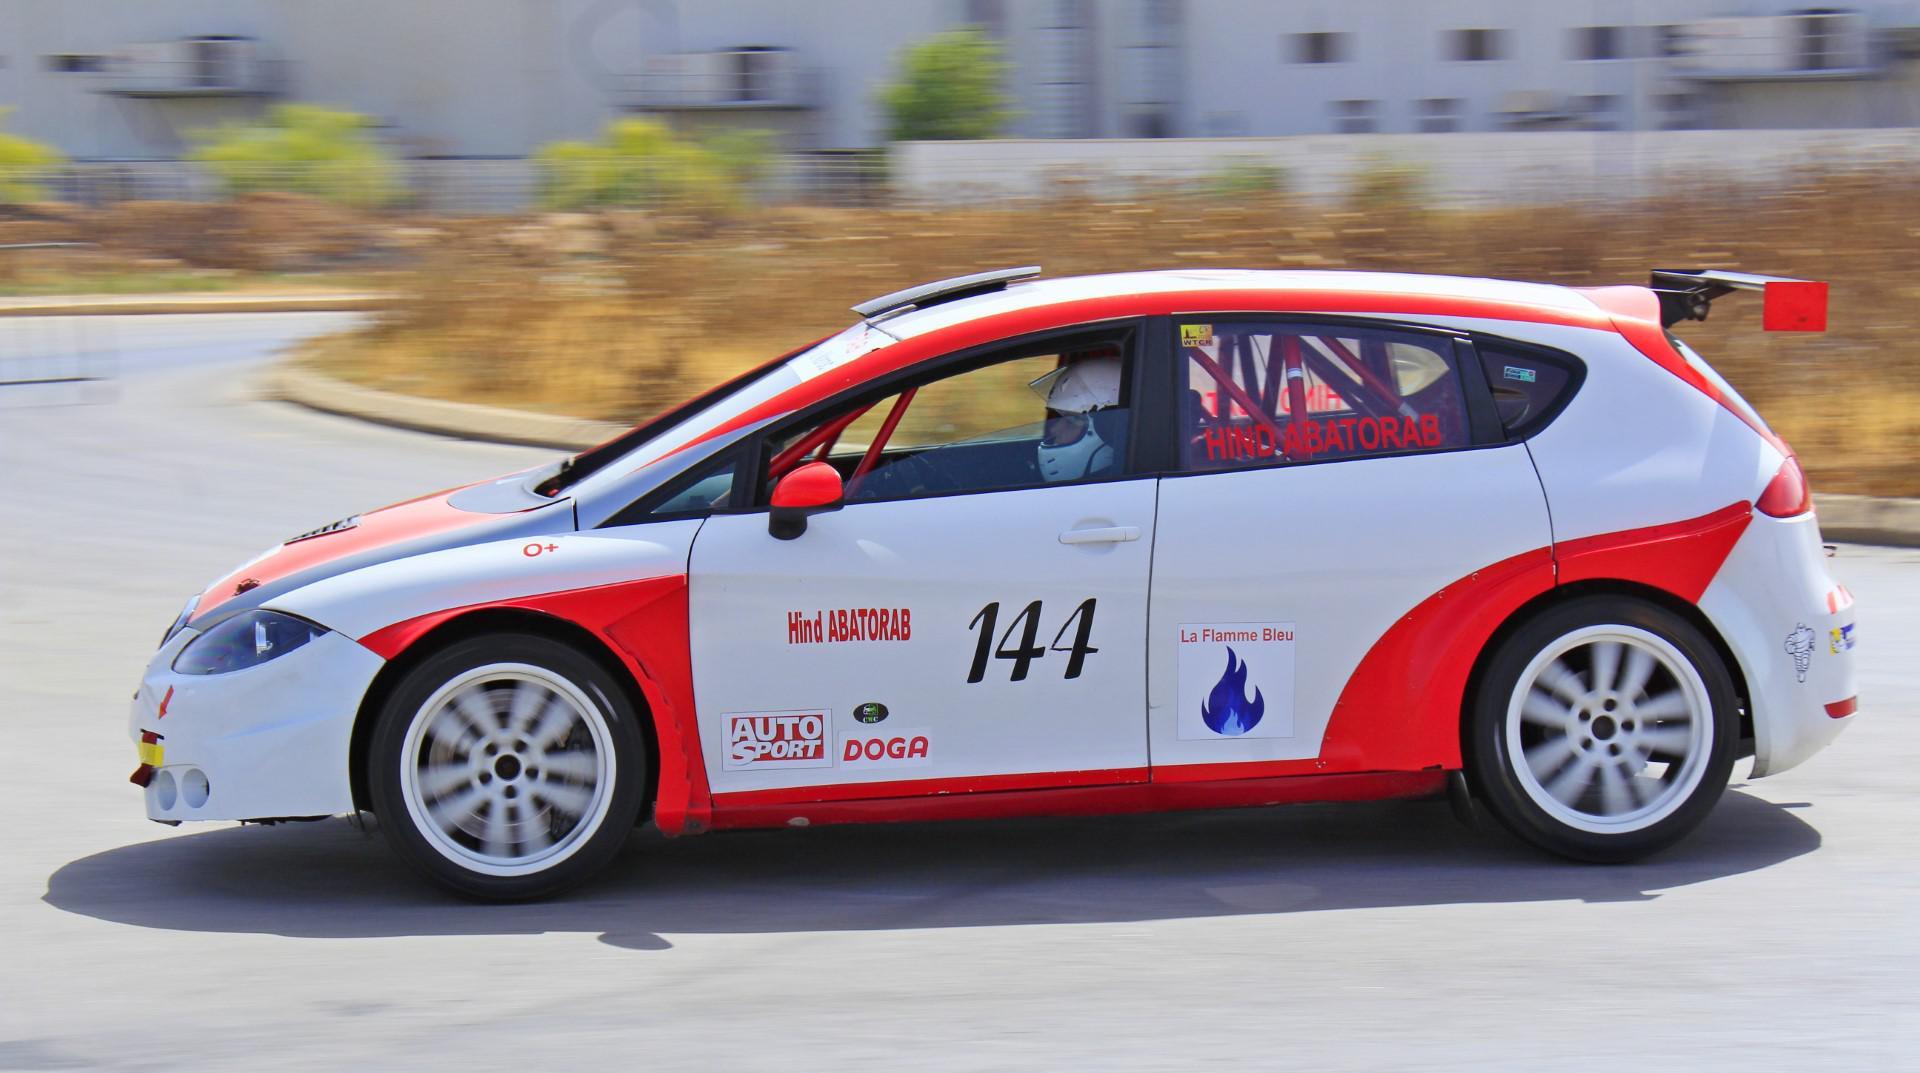 2eme-manche-du-championnat-du-maroc-des-circuits-845-16.jpg